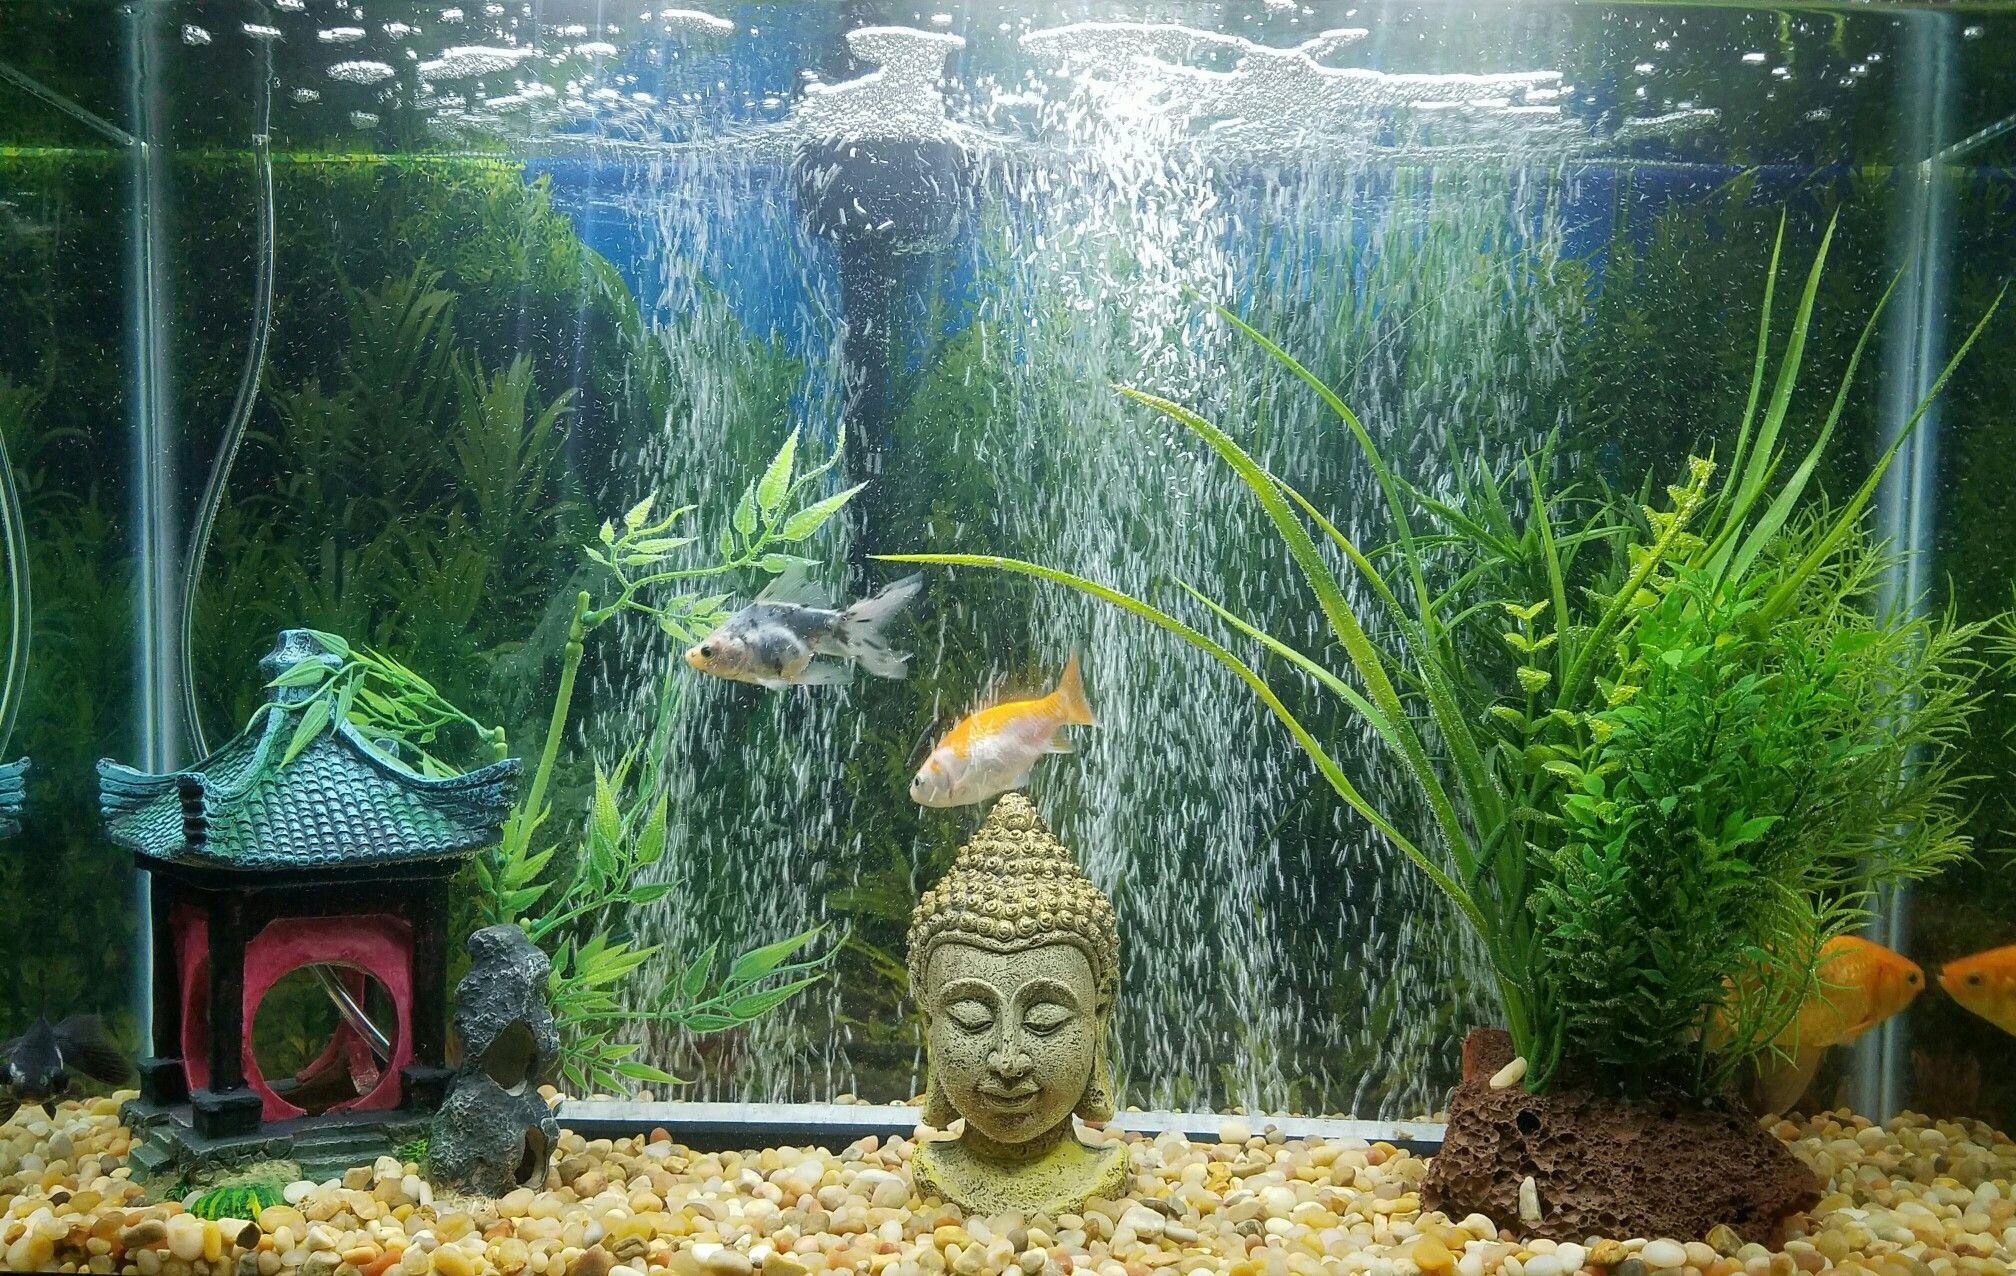 Incroyable De Aquarium Deco Des Idées Idées de table